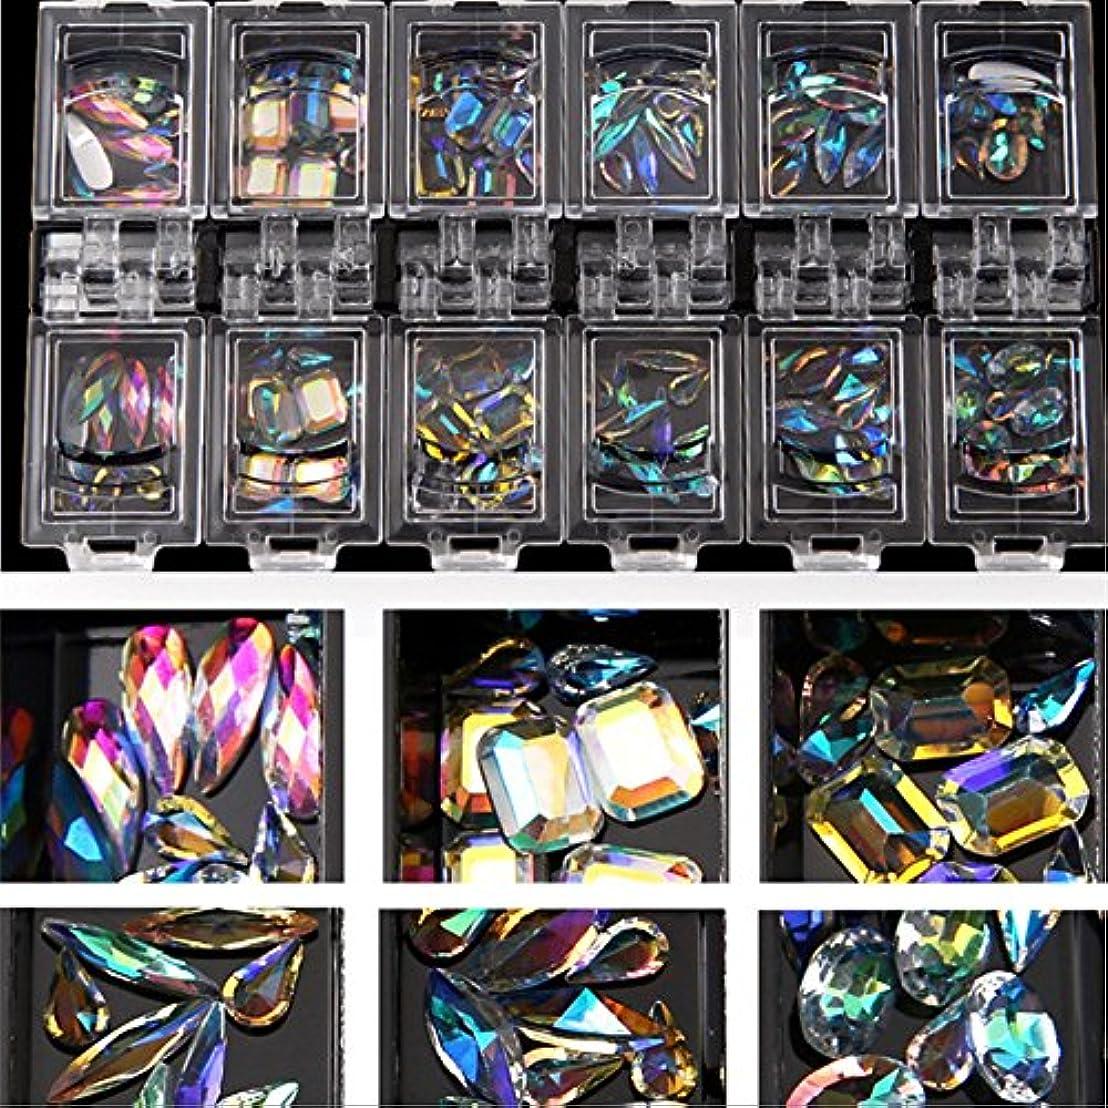 評価不機嫌苗12スタイル/セット3dネイルアートカラフルなクリアクリスタルミックスサイズレディネイルのヒントデカールデコレーション